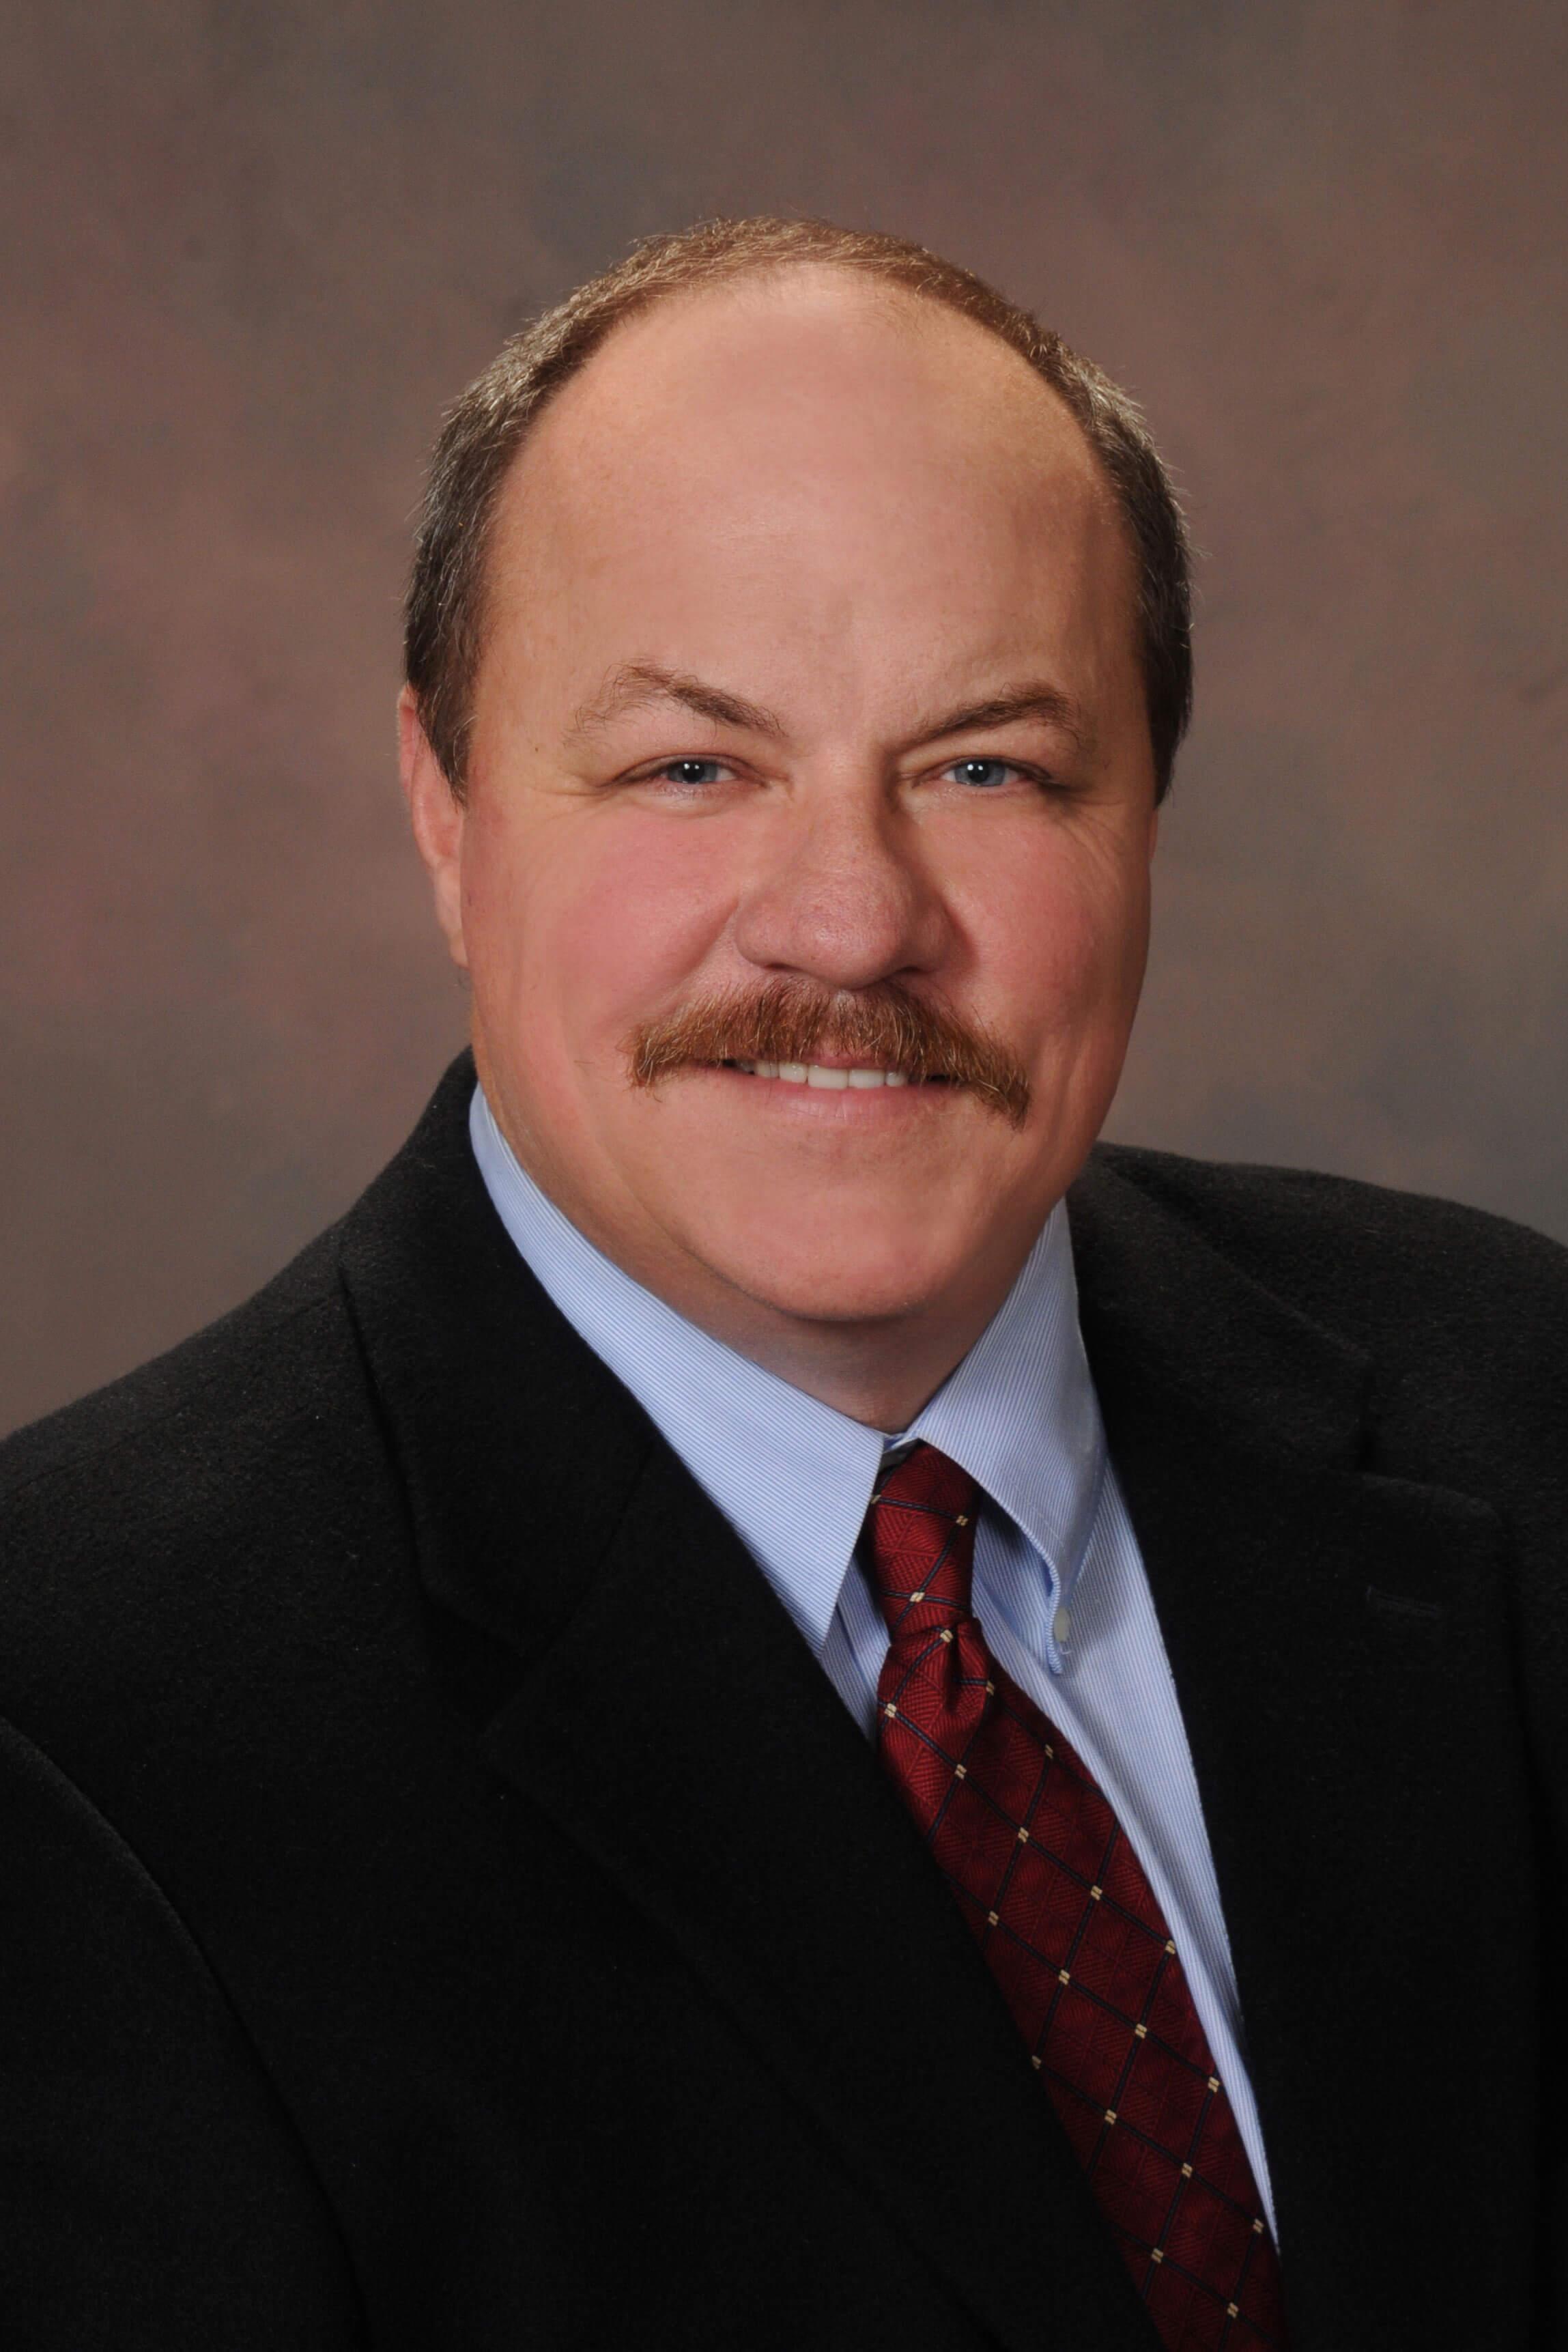 Allen Poole